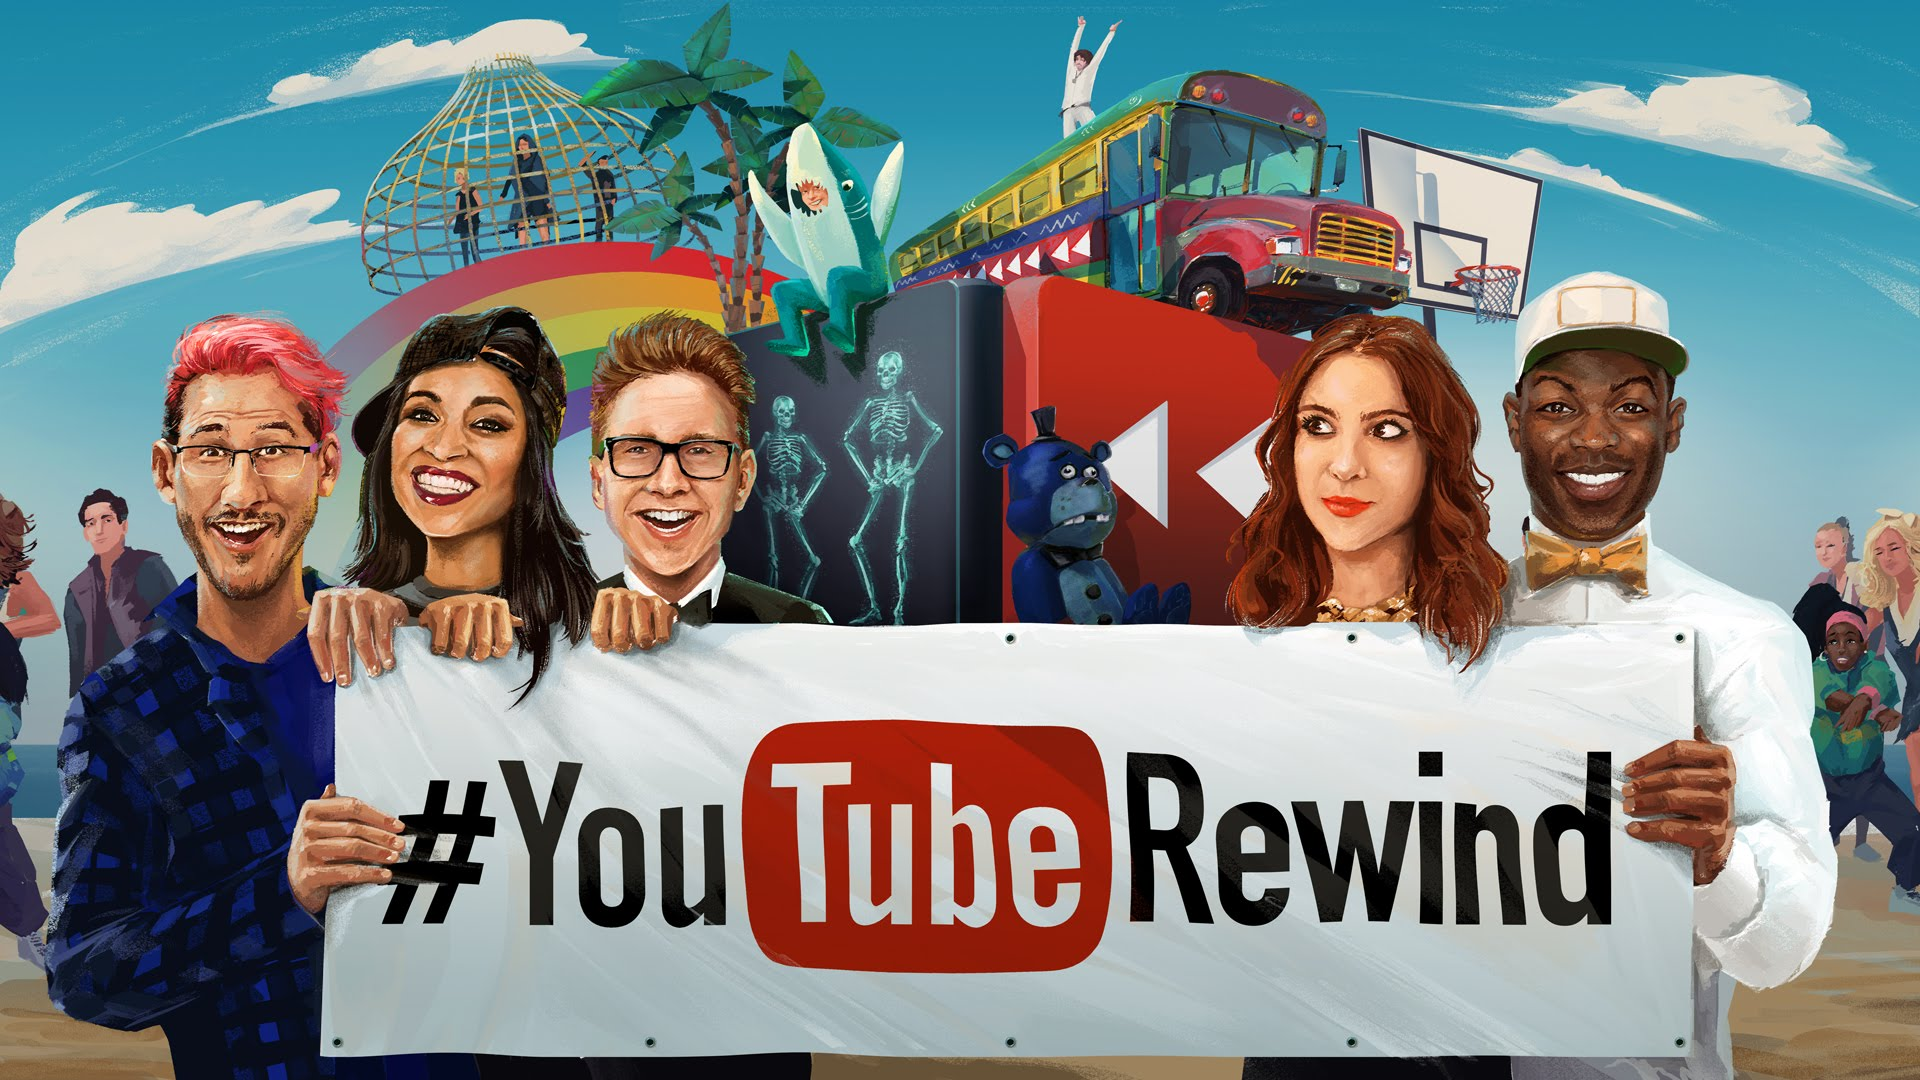 Youtube tung video hoành tráng tổng kết năm 2015